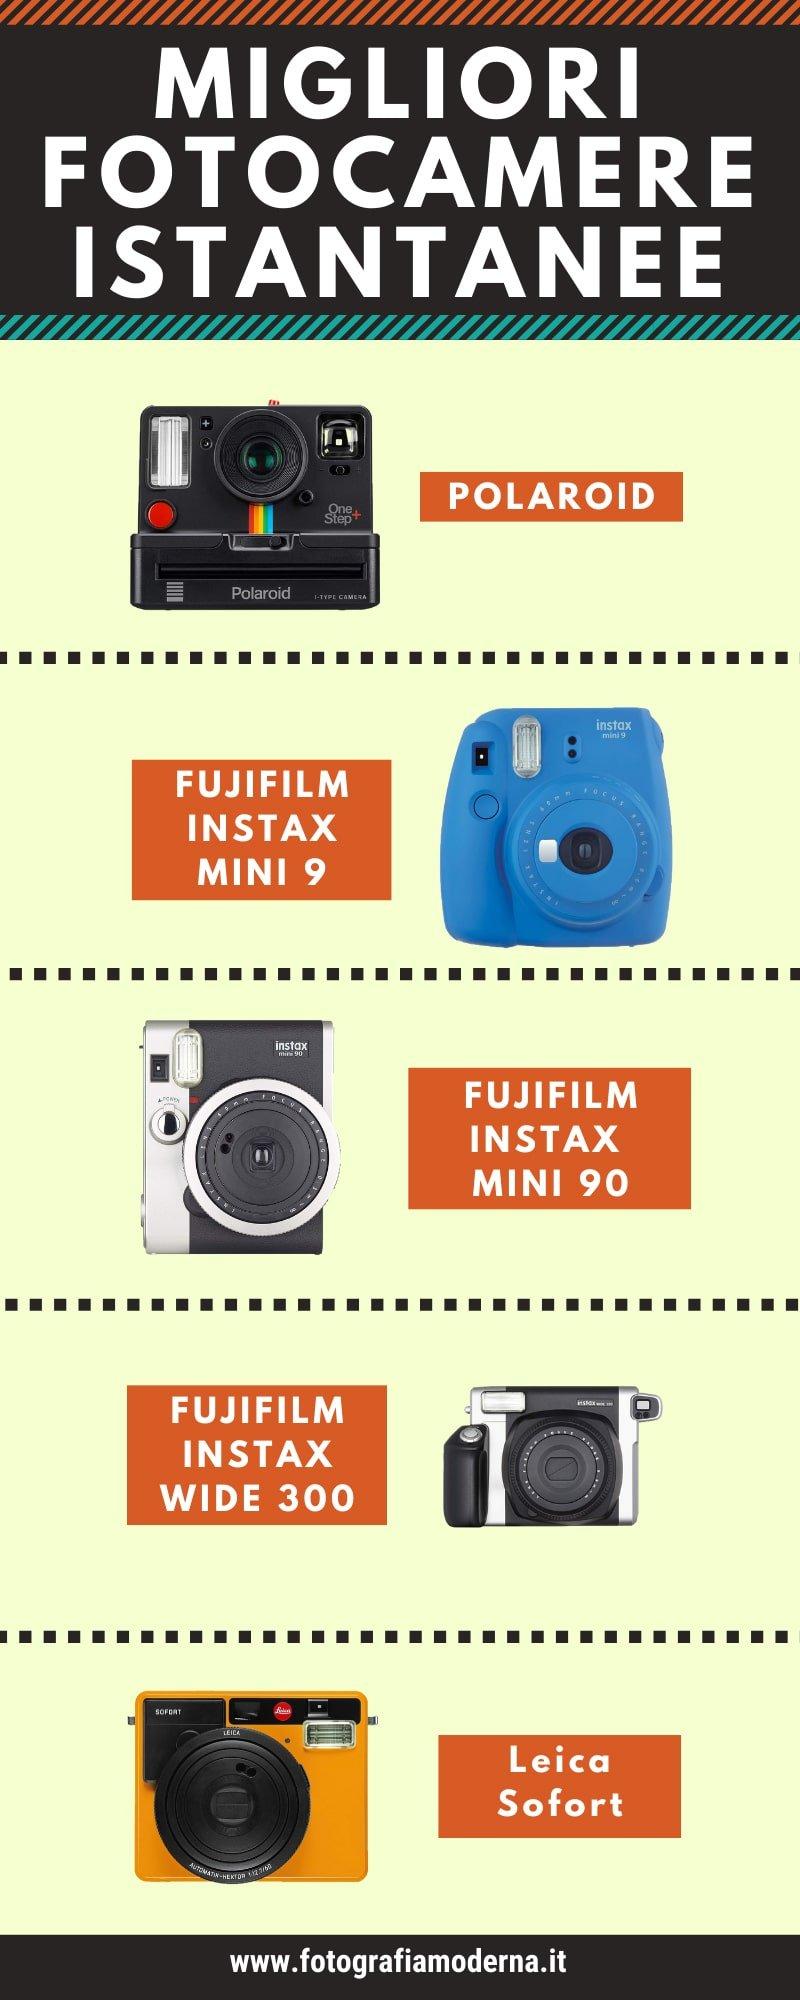 Classifica delle migliori fotocamere istantanee